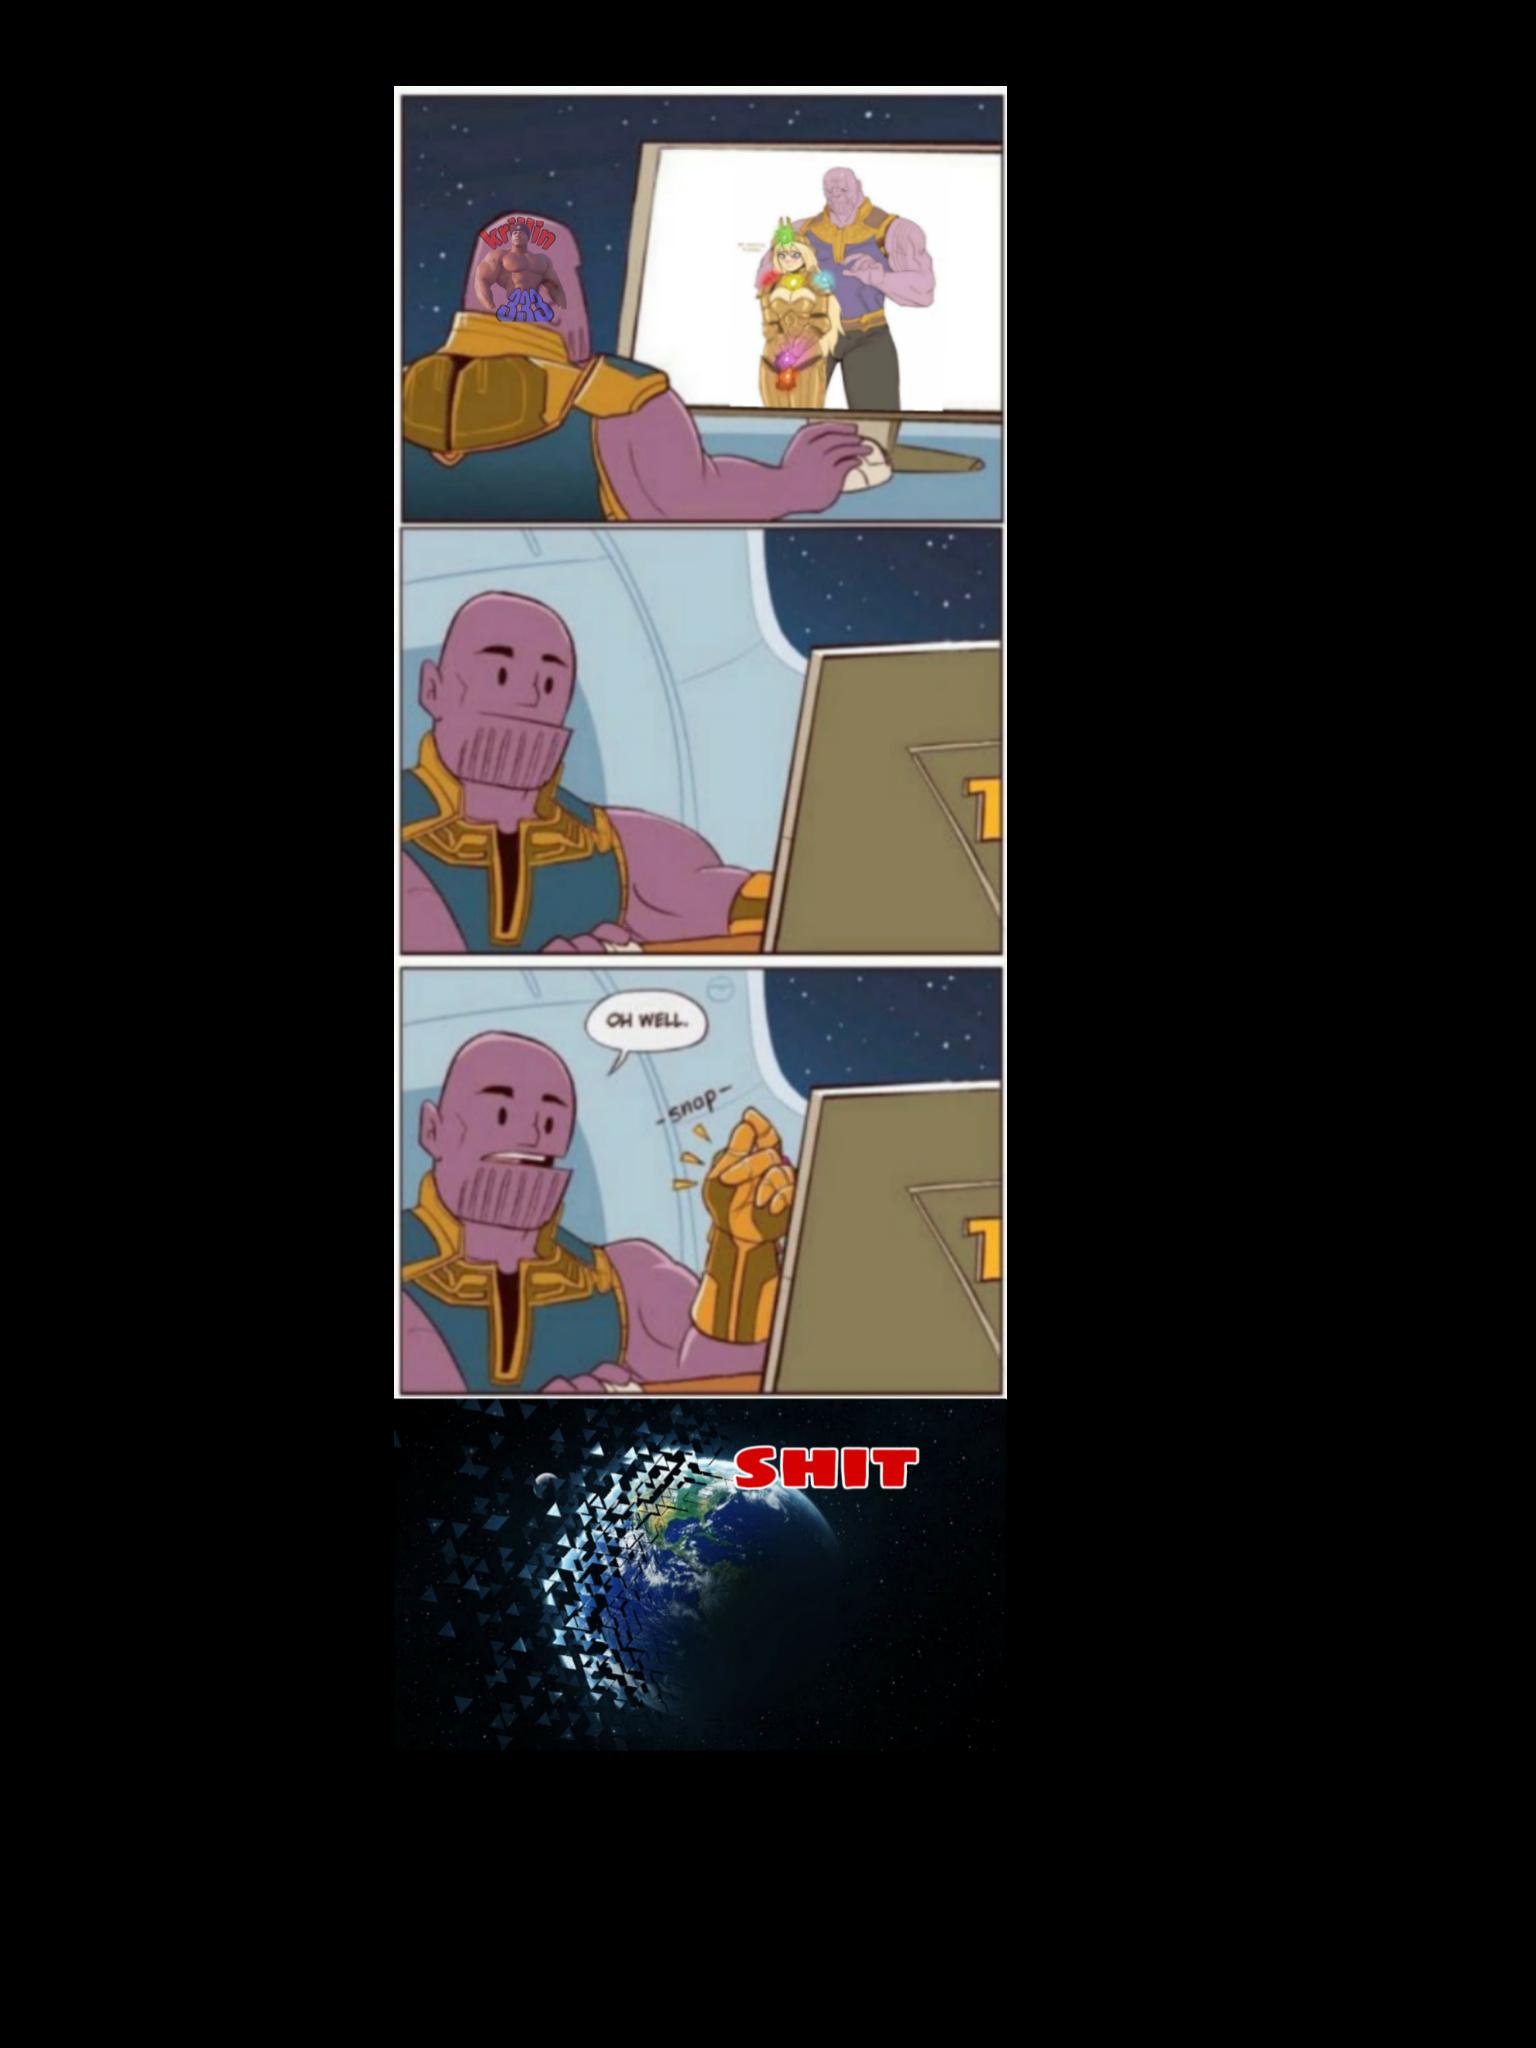 Murieron muchas de mis neuronas al ver la imagen - meme